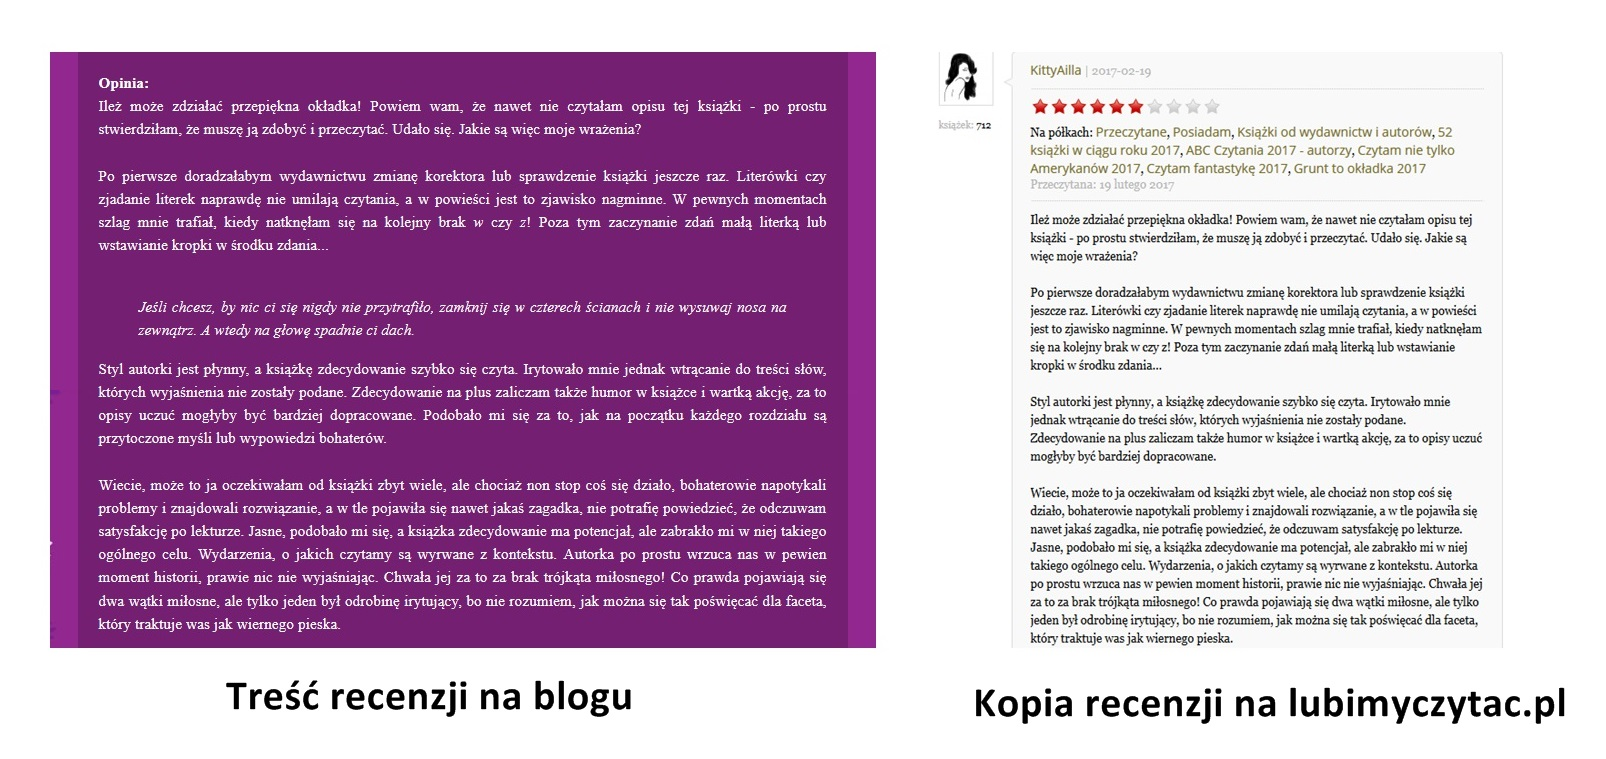 duplikacja treści na blogu